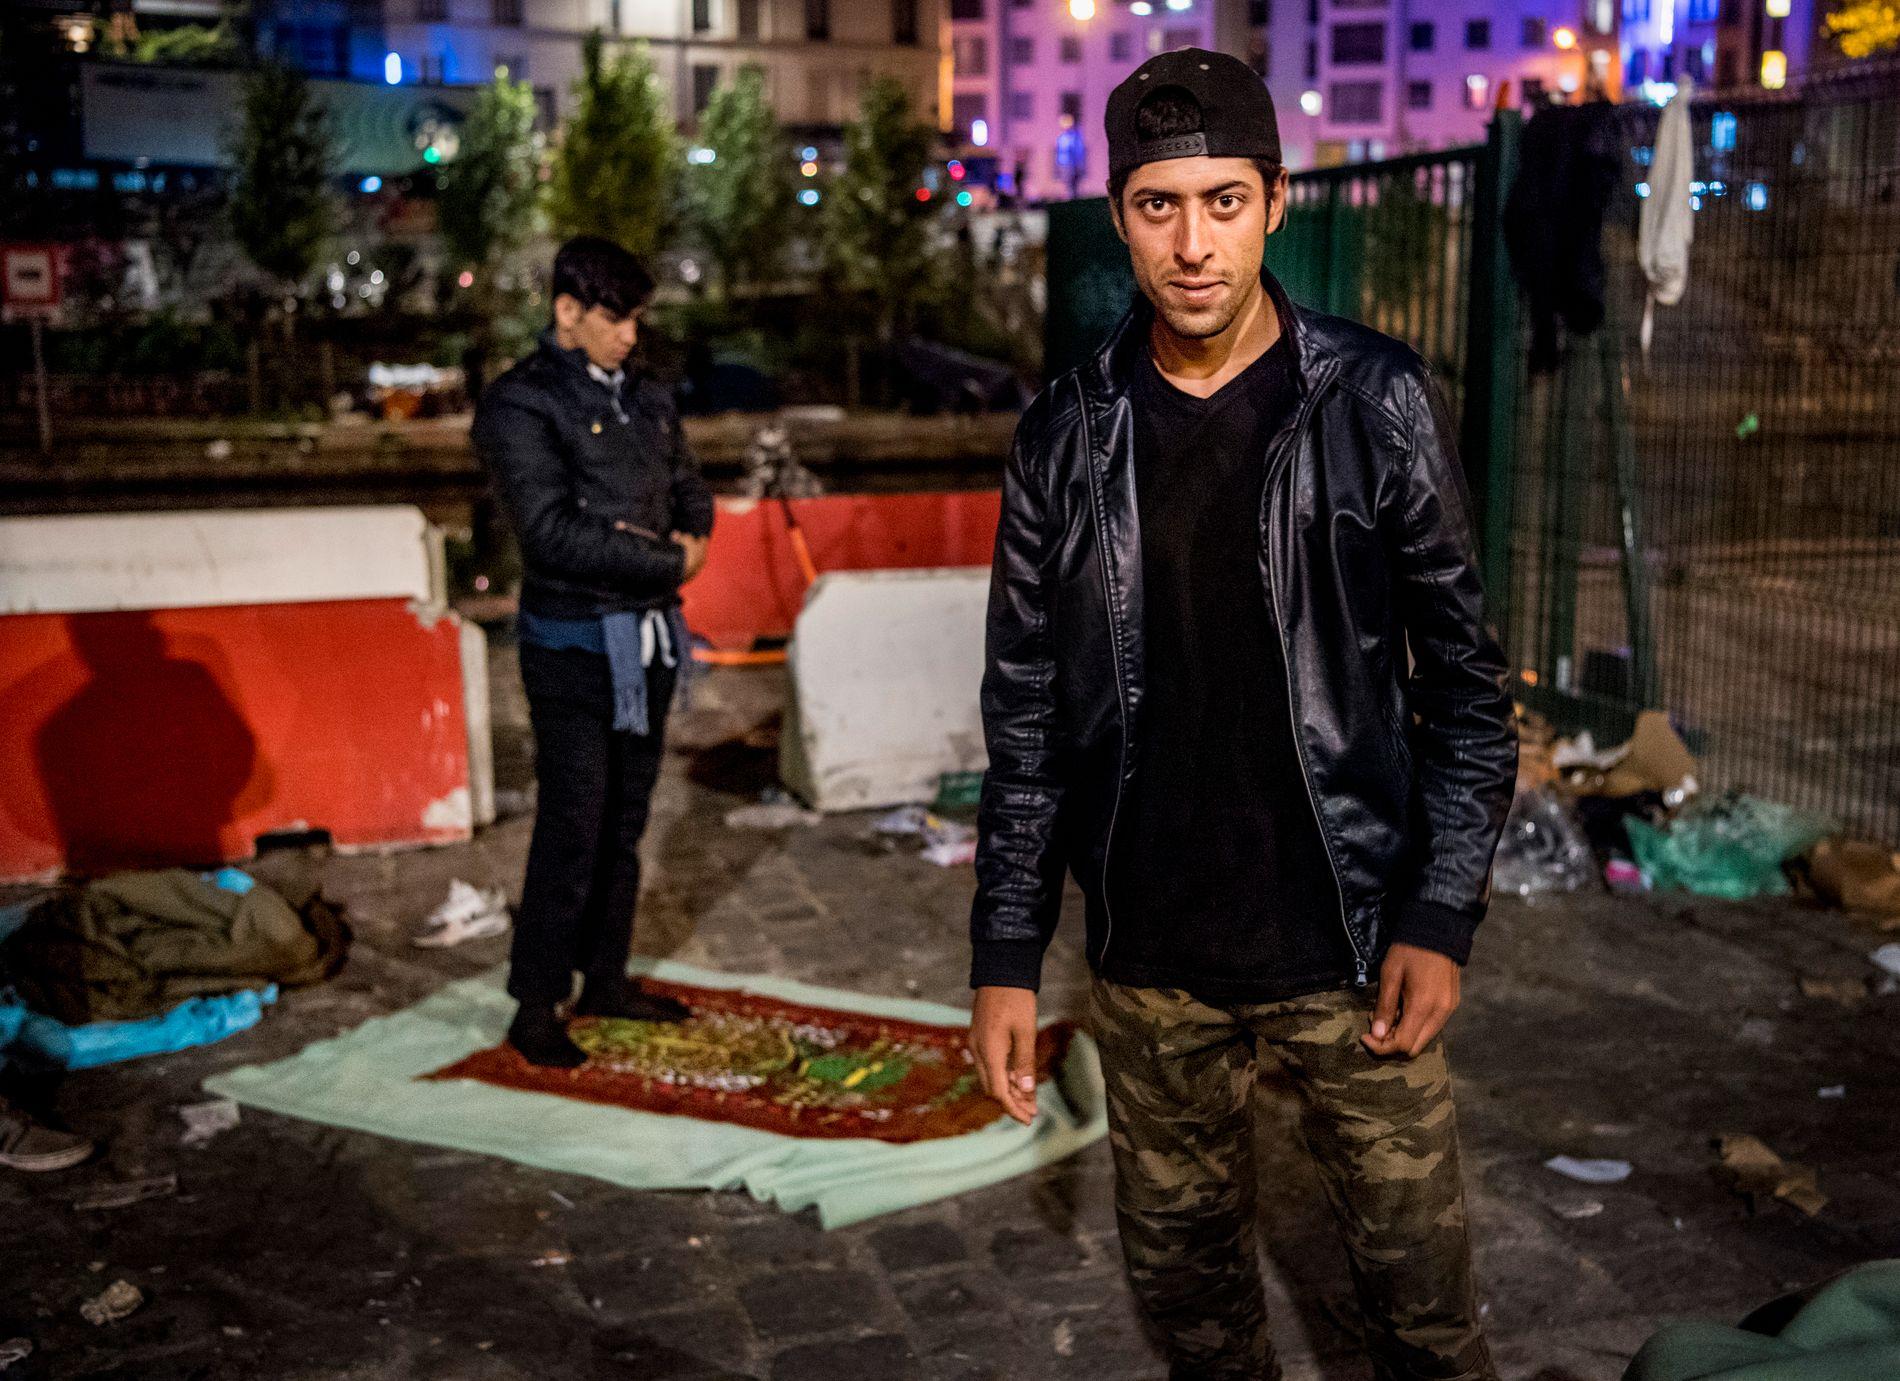 EN BØNN: Javid (21) bodde ett år i Norge før han kom til Paris. Nå har han bodd her på gaten i 20 måneder. «Det er ingen fremtid her, det er bare å leve», sier Javid. Bak ham har en ung afghaner vendt seg mot Mekka.